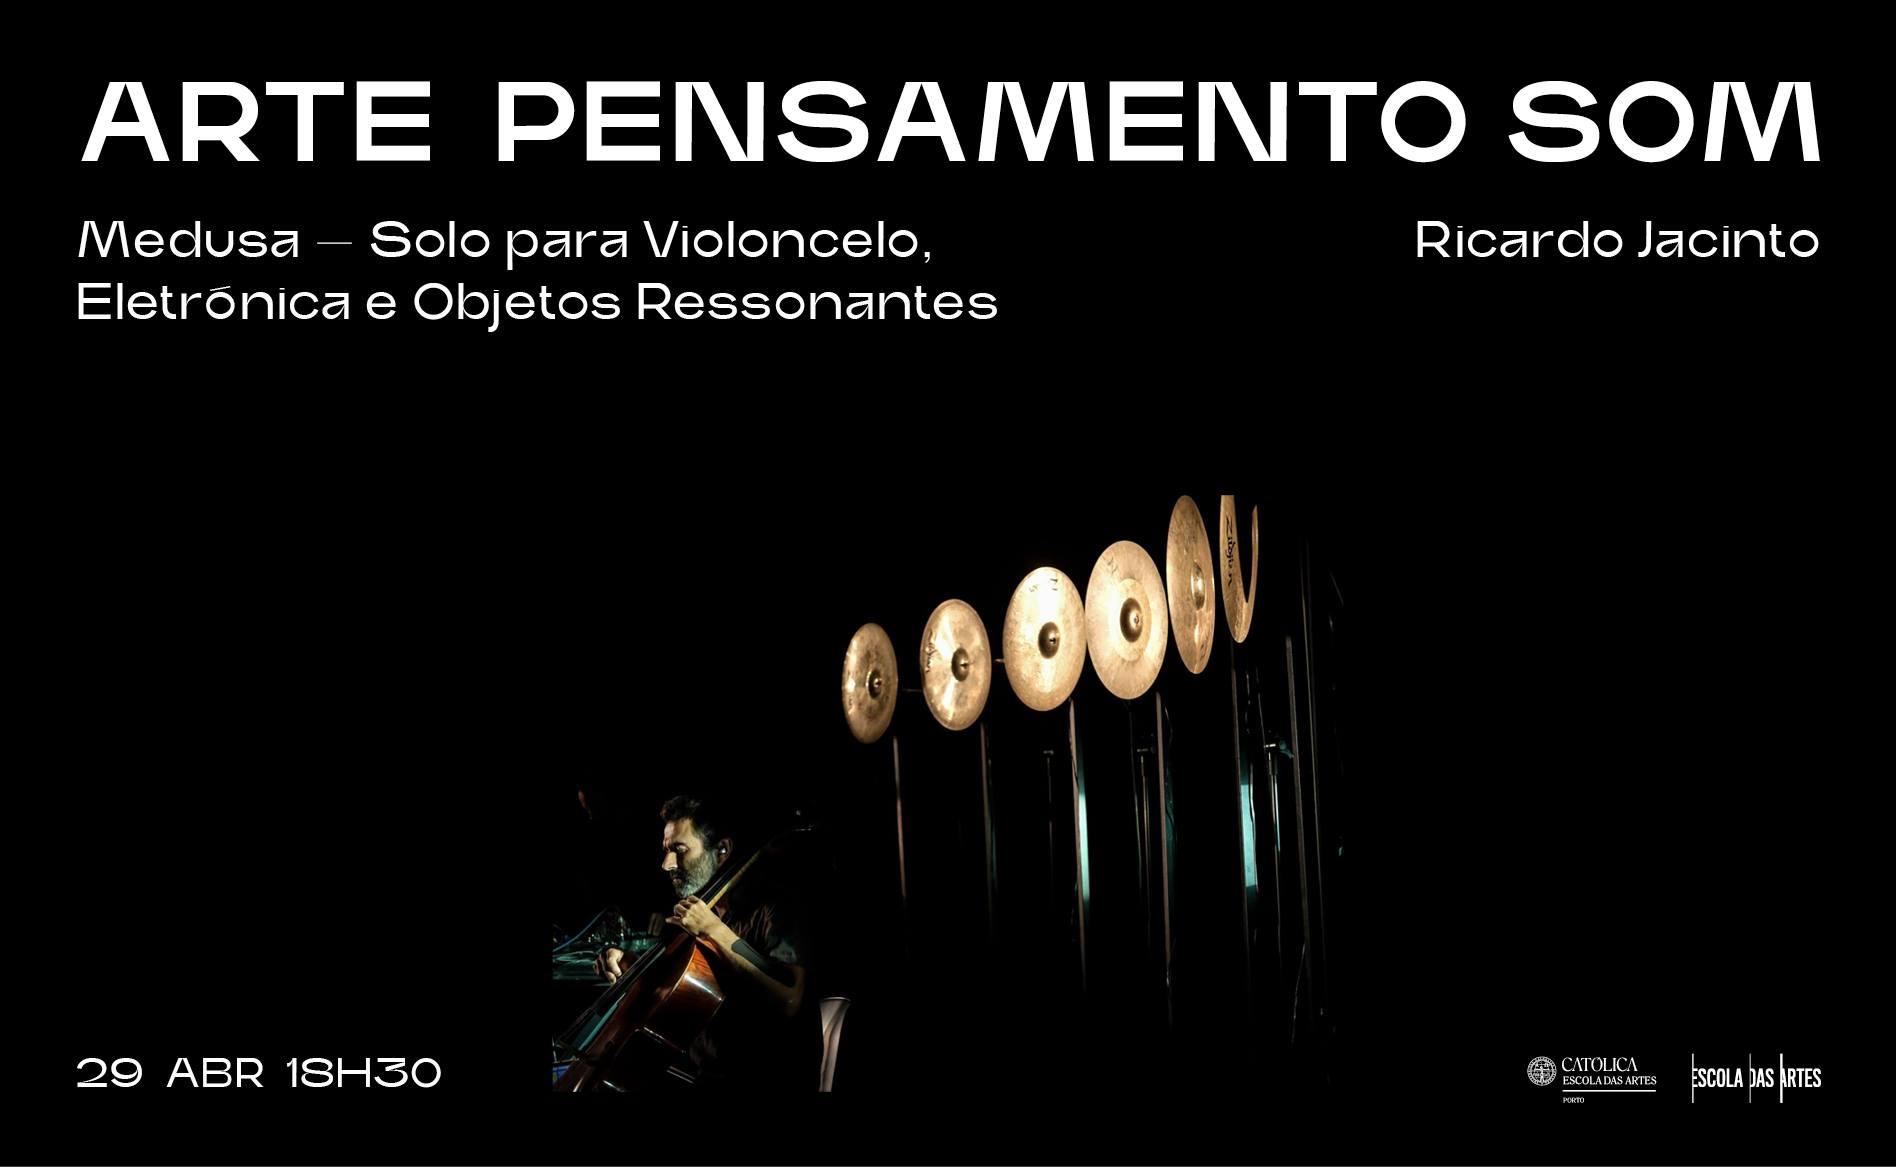 Ricardo Jacinto · Medusa — Solo para Violoncelo, Eletrónica e Objetos Ressonantes (Performance)